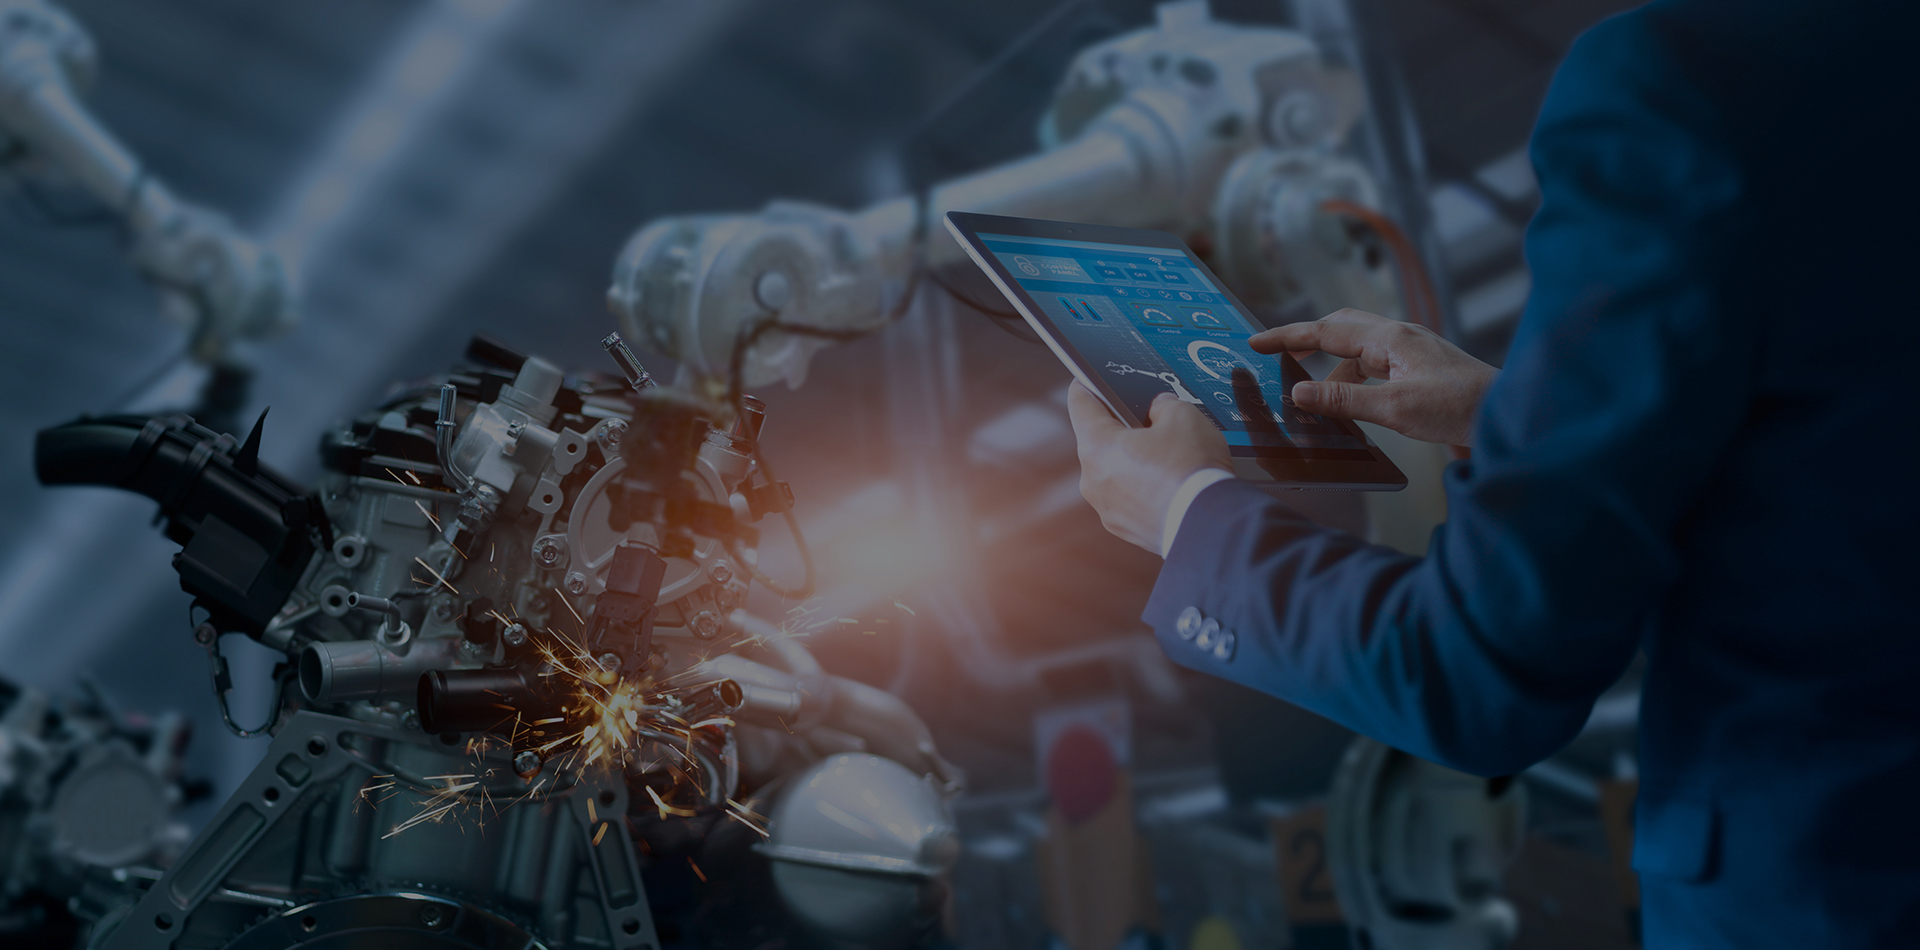 Automatización y <br>nuevas tecnologías